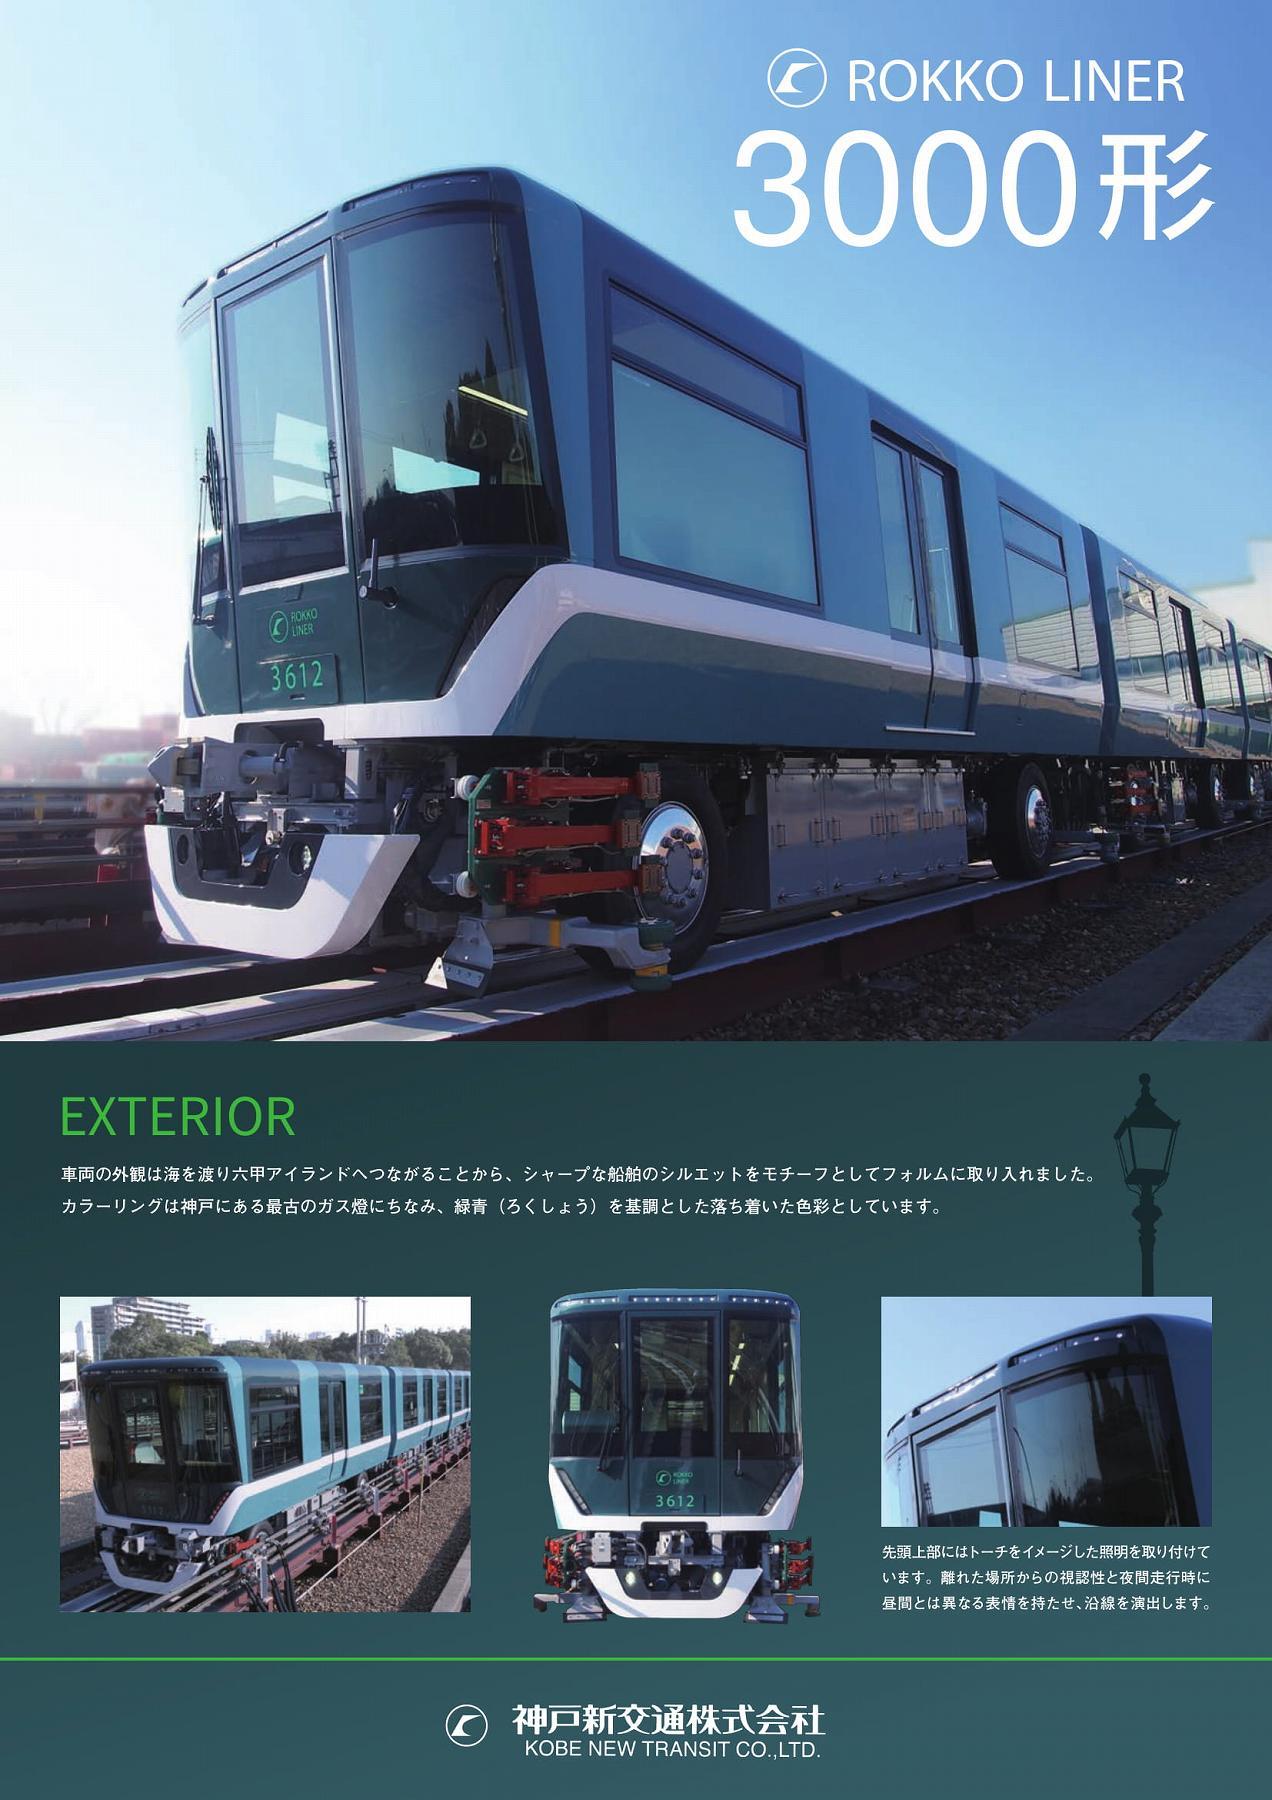 六甲ライナー新型車両「3000形」の運転が8月31日(金)よりスタート!試乗会も開催されるよ! #六甲ライナー#神戸新交通 #六甲島検車場 #六甲アイランド